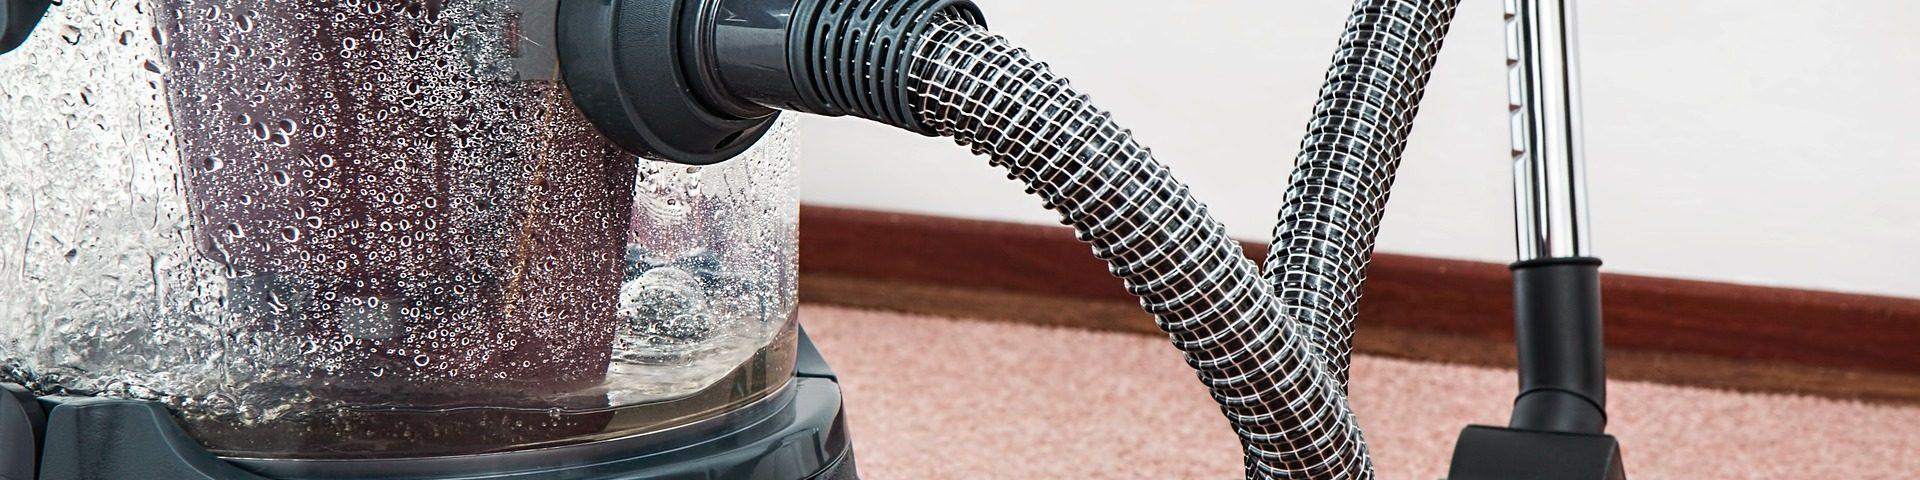 Jak skutecznie wyczyścić tapicerkę samochodową?